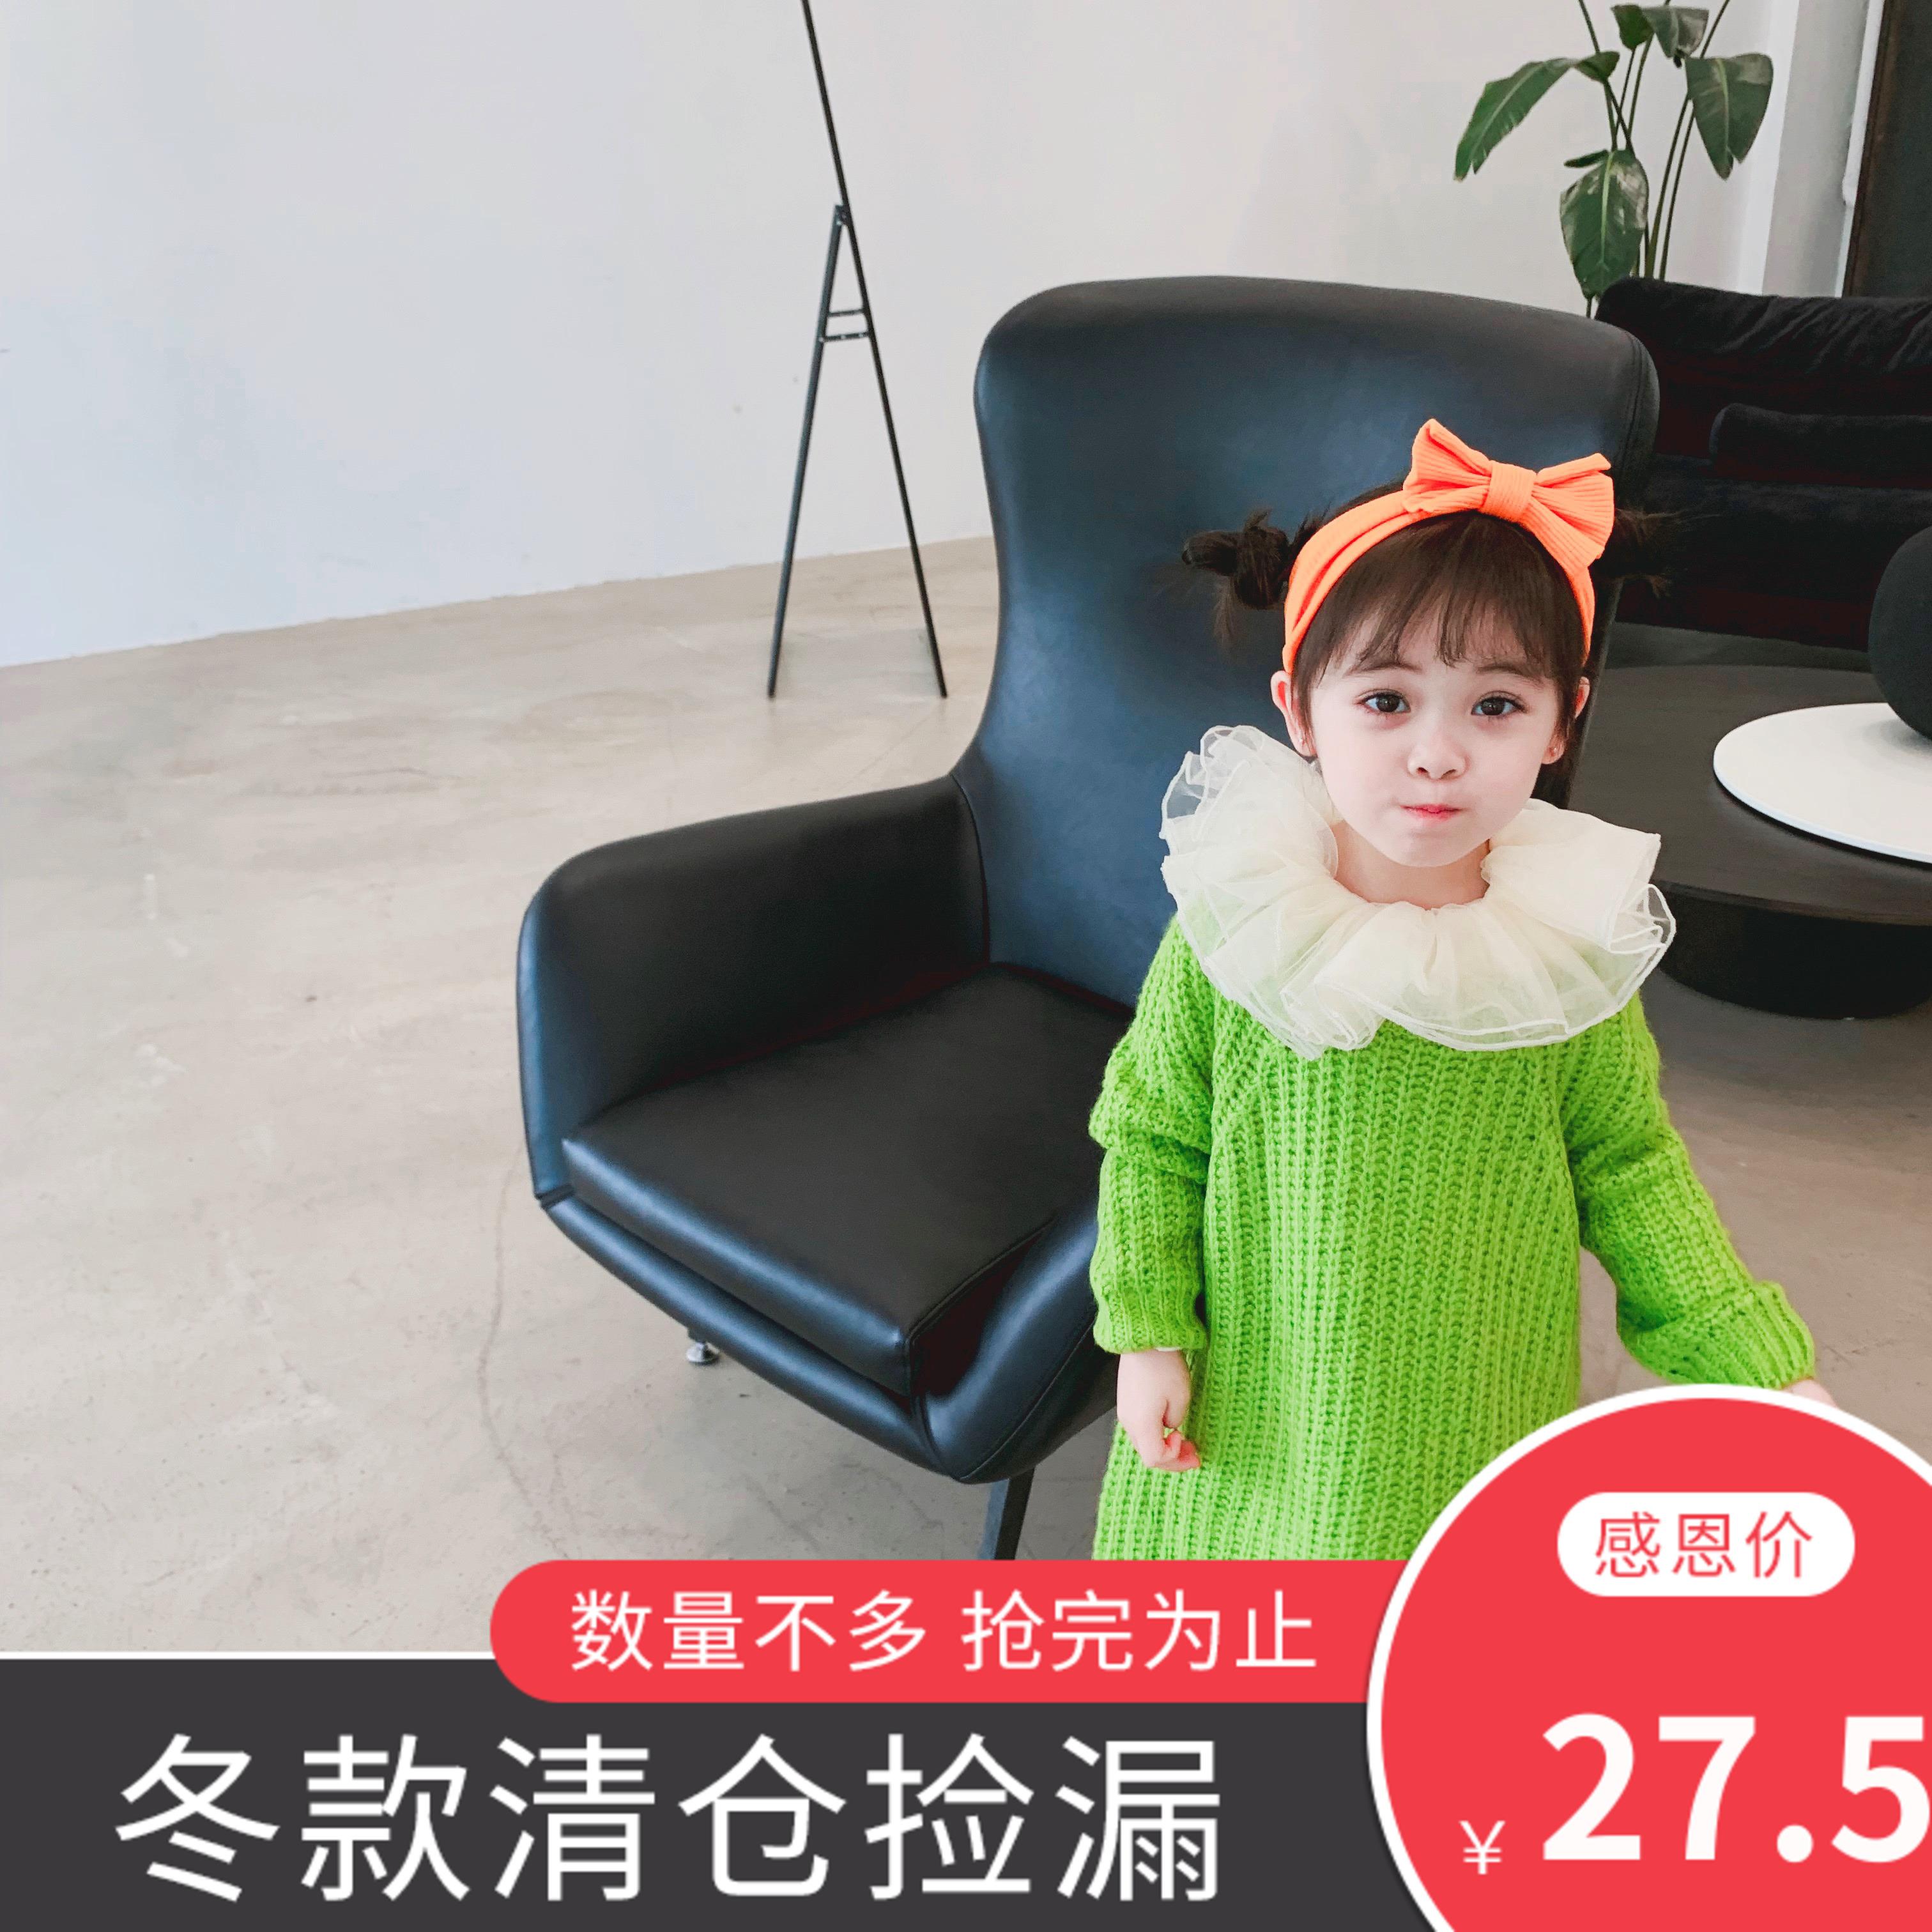 Váy bé gái mùa thu phong cách nước ngoài 2019 váy trẻ em mới mùa thu và áo len mùa đông đan áo len bé gái váy len - Váy